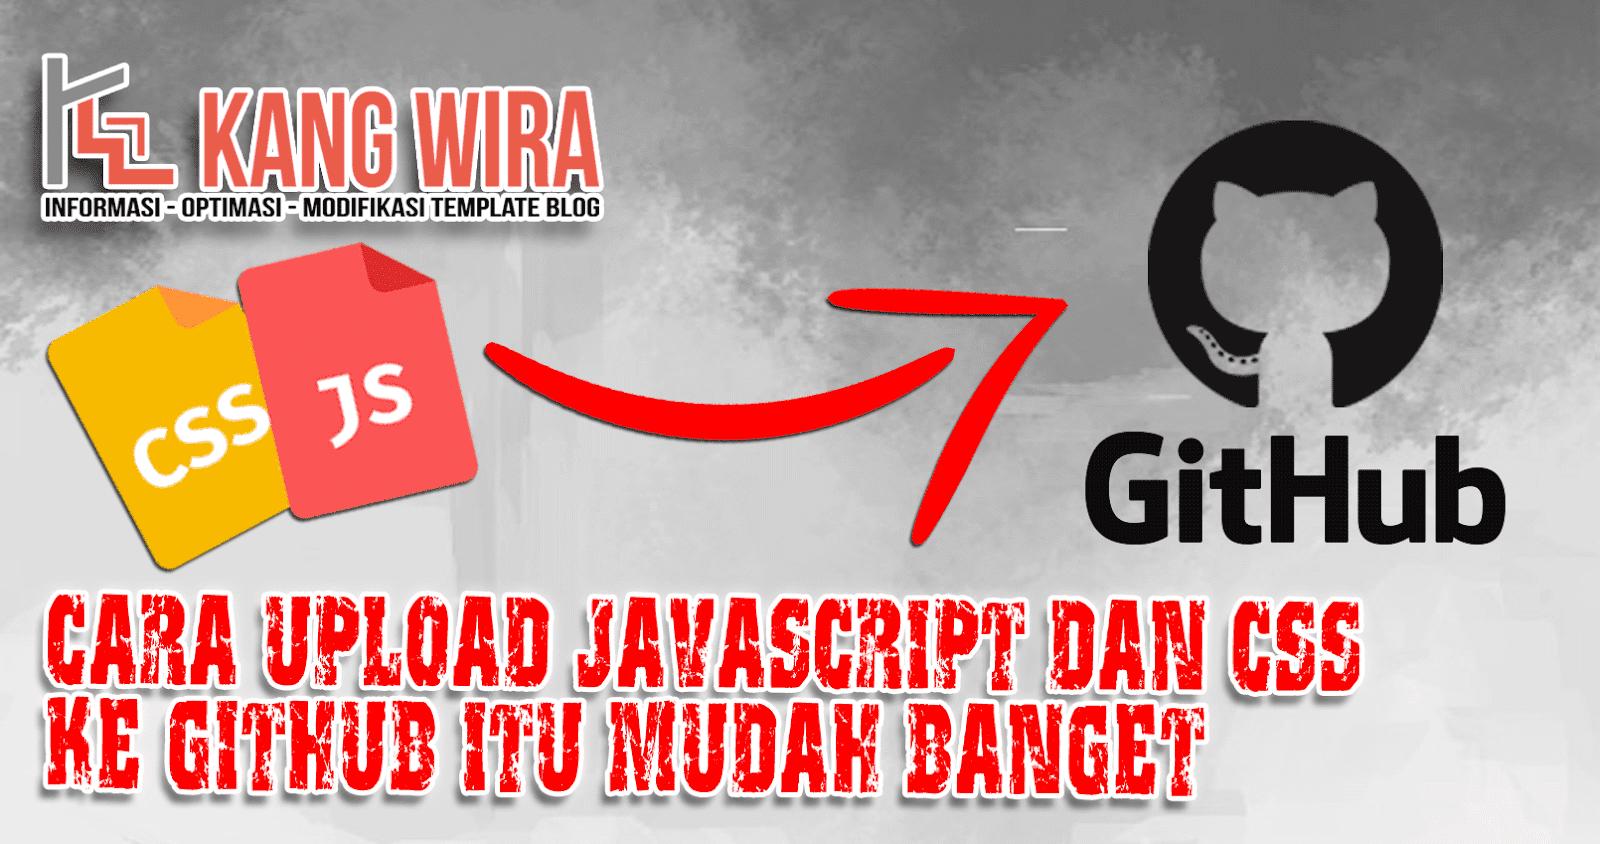 Cara Upload Javascript dan CSS ke Github itu Mudah Banget